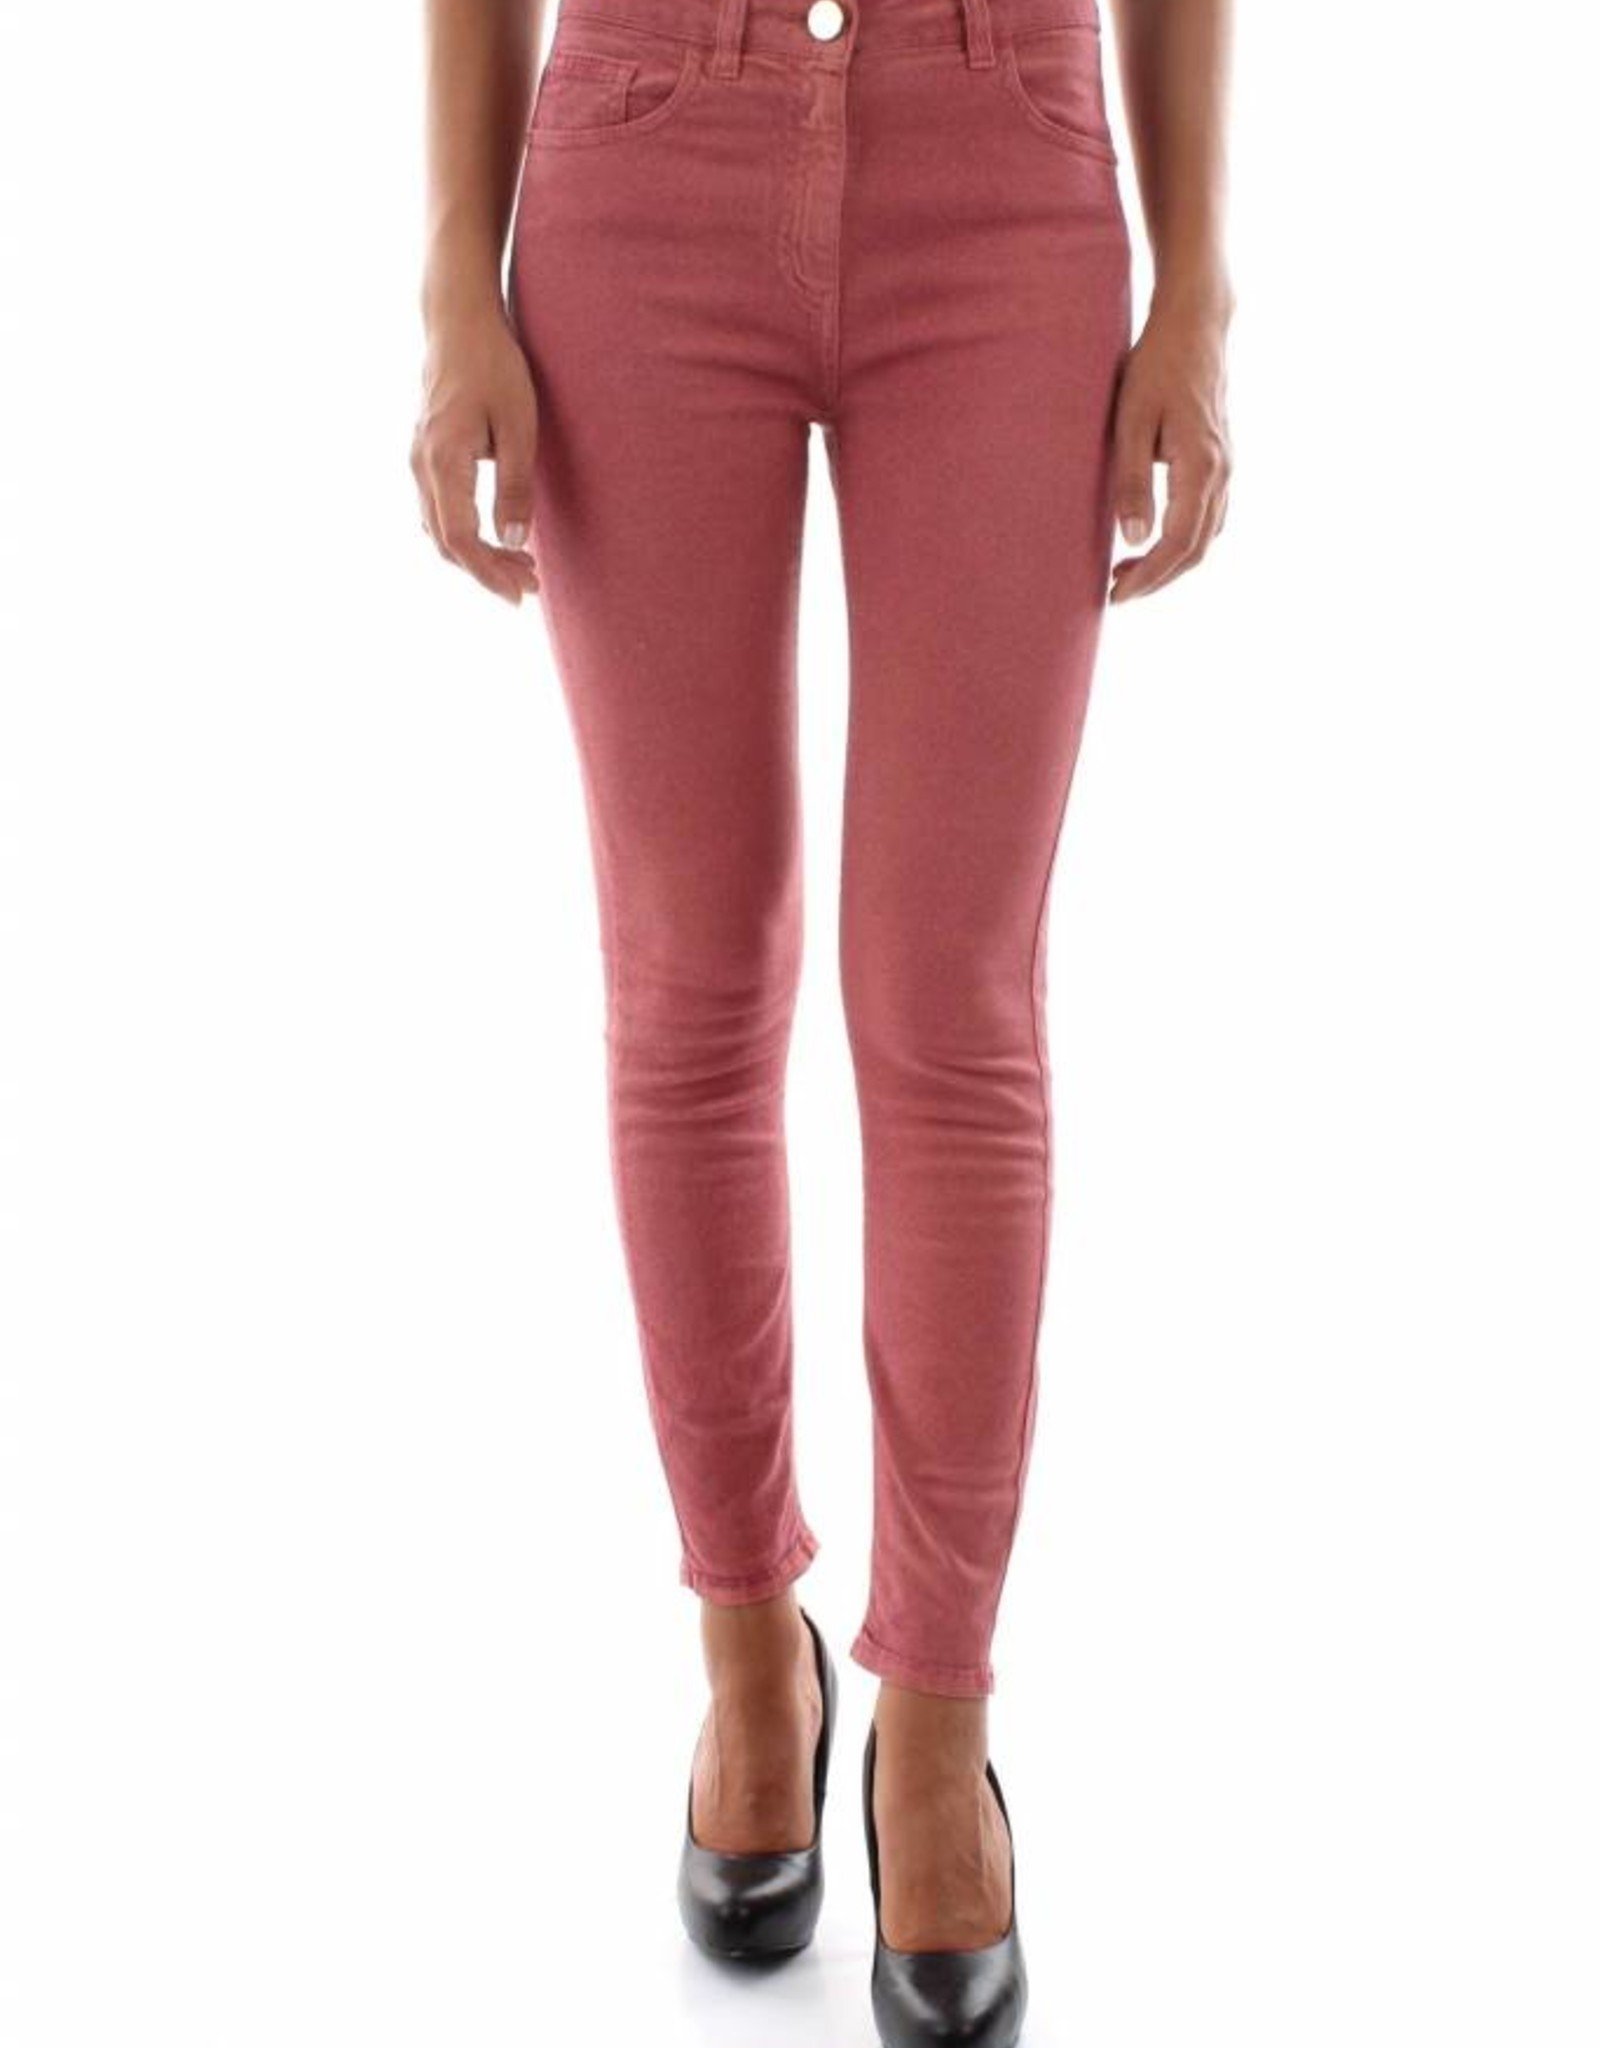 Elisabetta Franchi Women's jeans PJ14S87E2